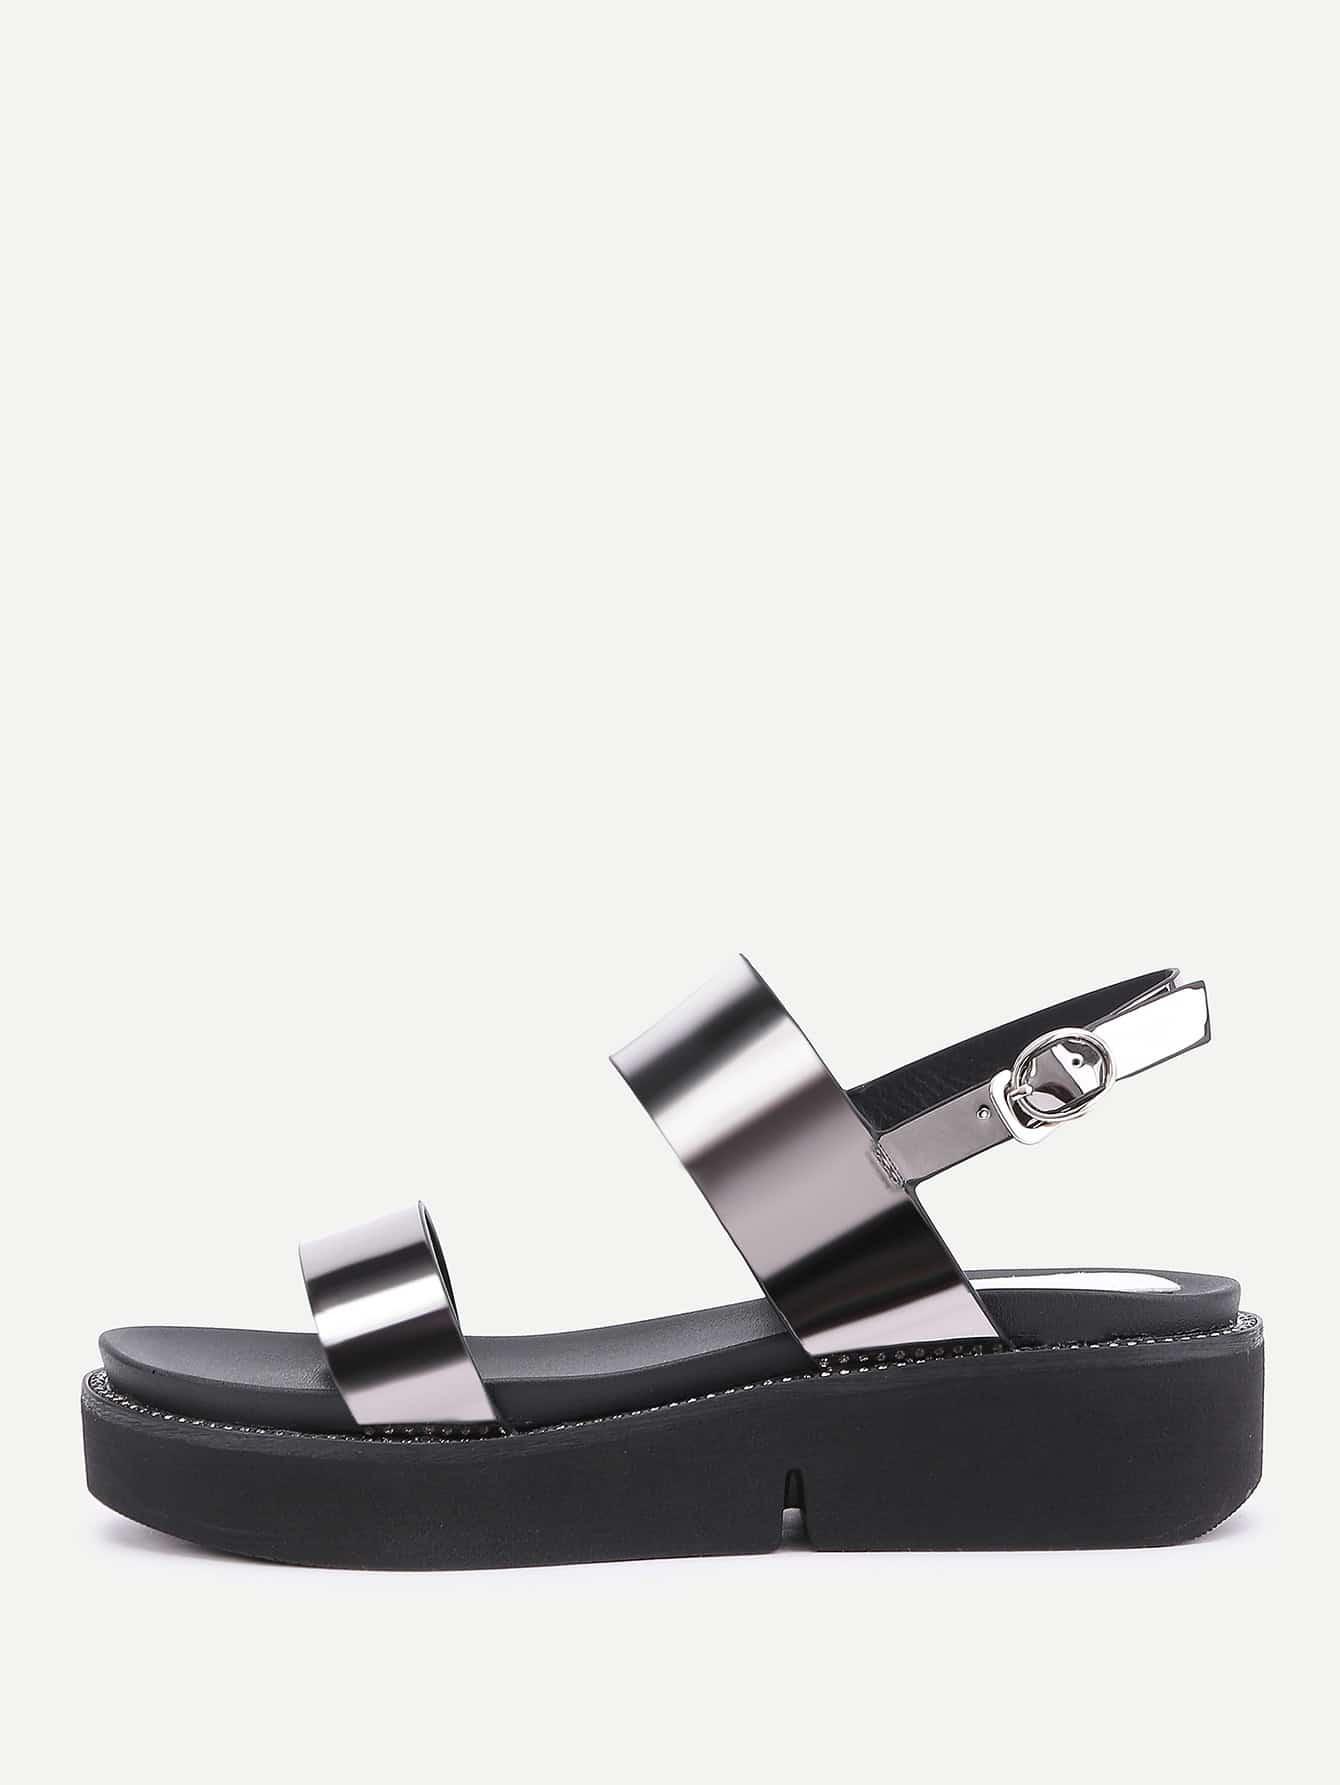 shoes170428801_2